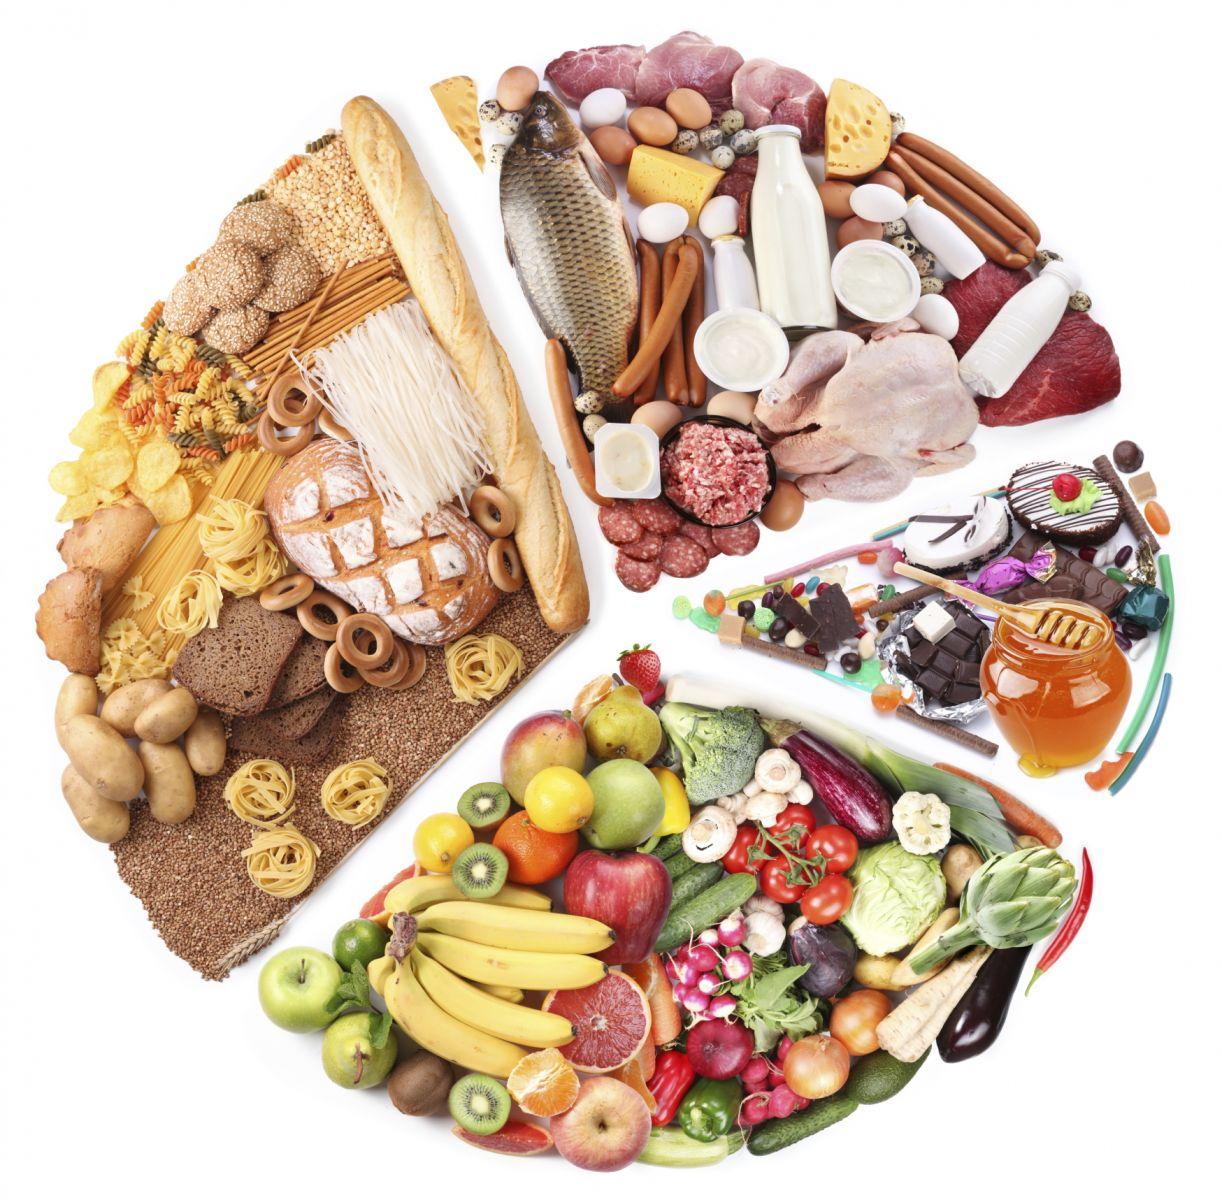 Bổ sung nhóm thực phẩm giàu protein